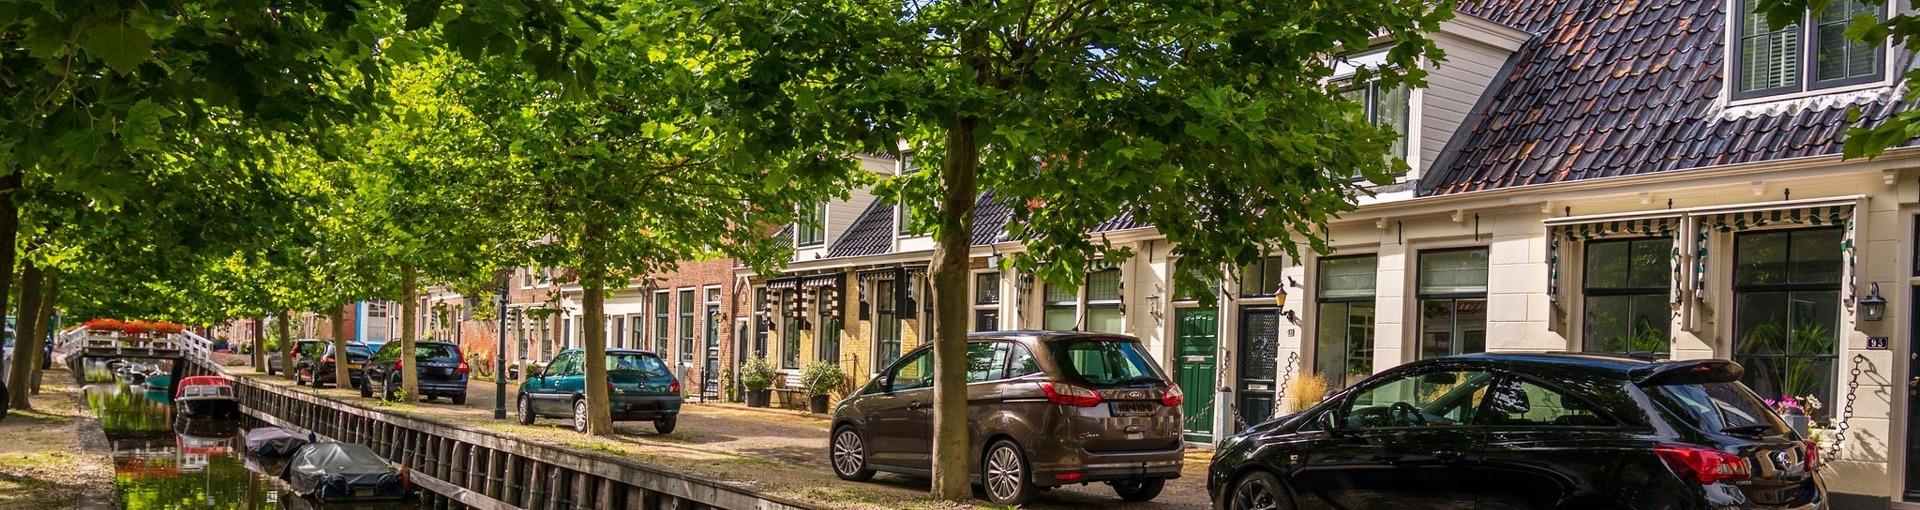 Een straat in Harlingen met huizen en een bootje in de gracht